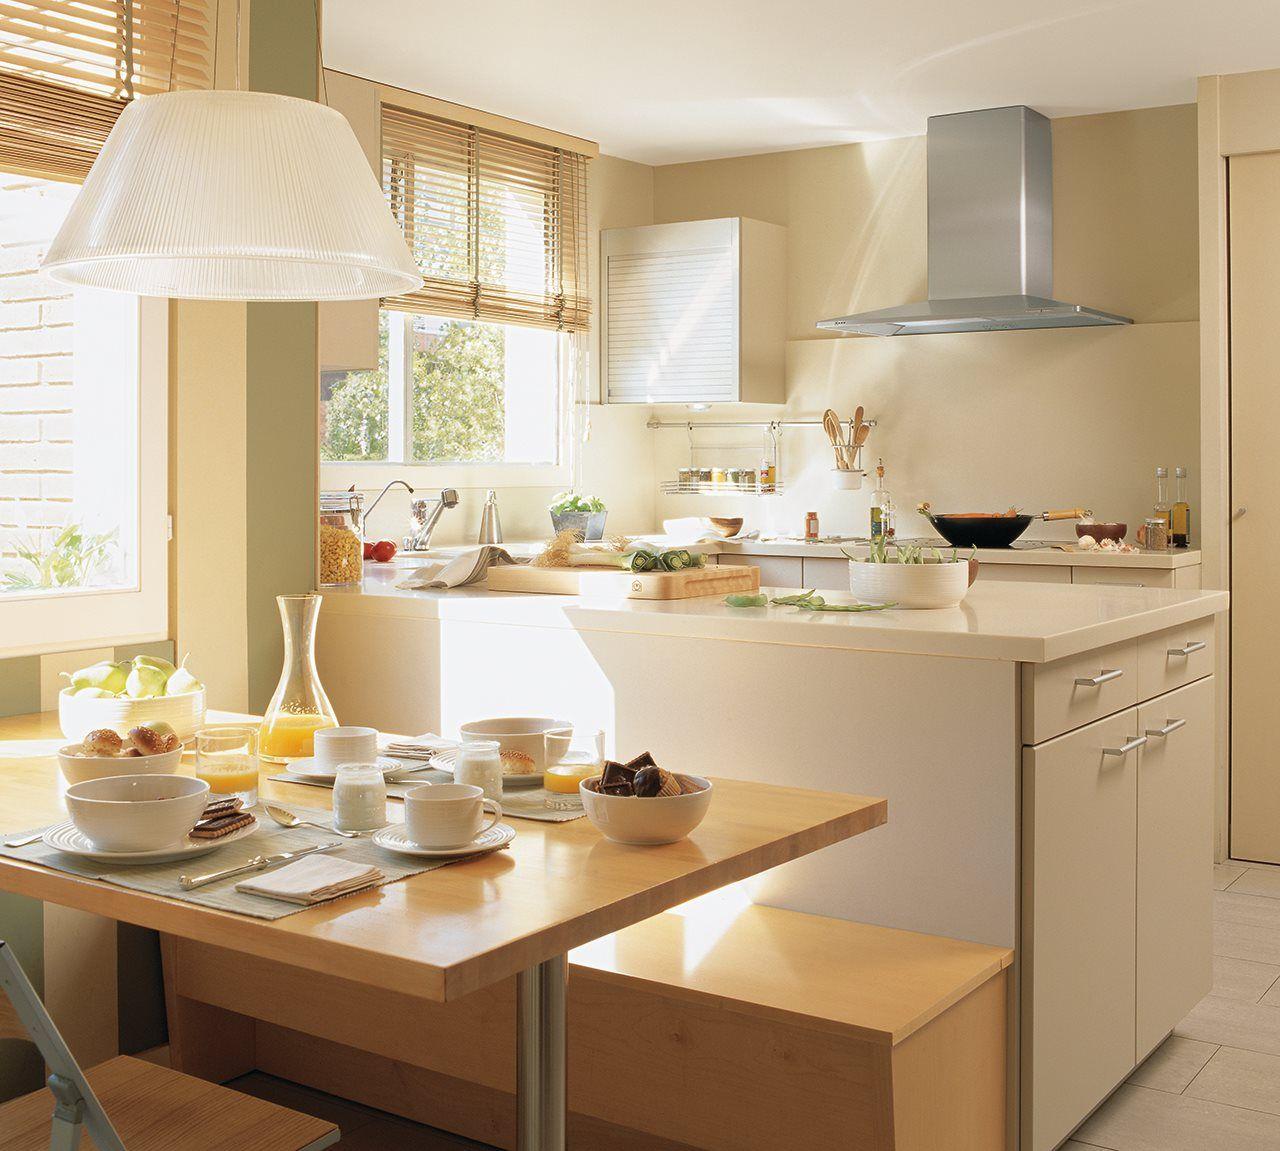 Los 9 mejores dise os de cocinas office cocinas peque as for Remodelacion de cocinas pequenas